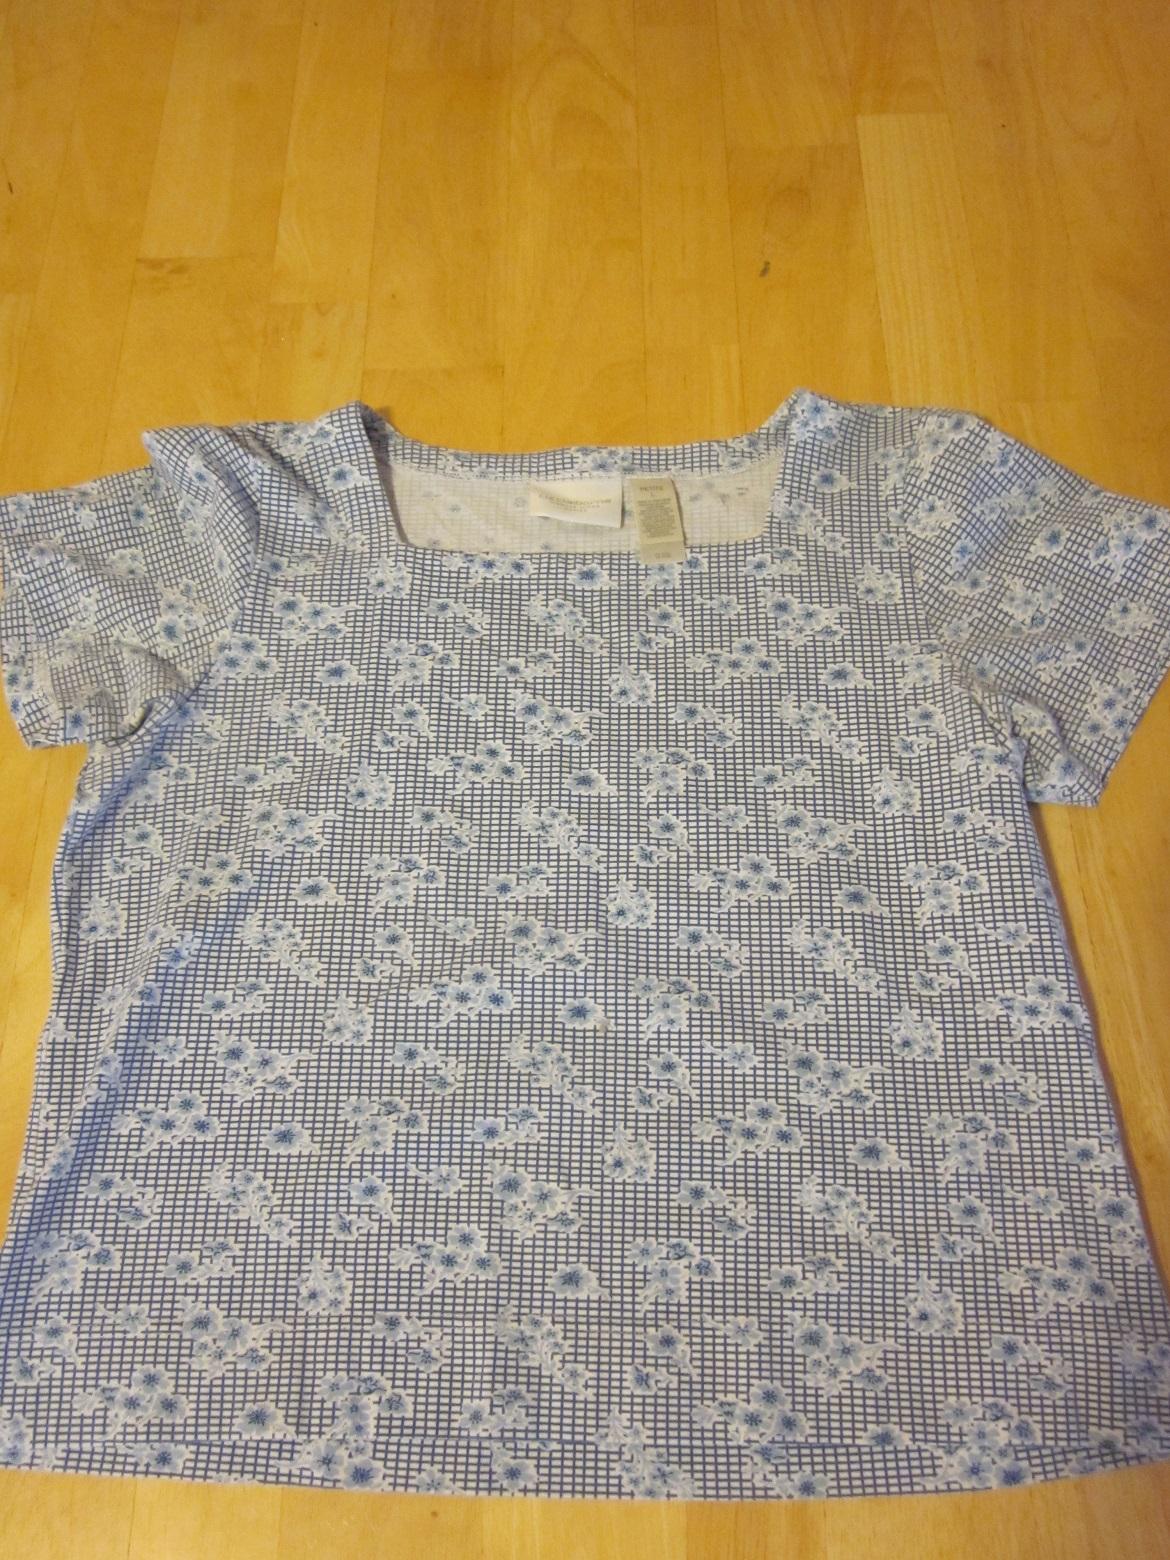 Liz Claiborne Blue Floral Top - Petite Large